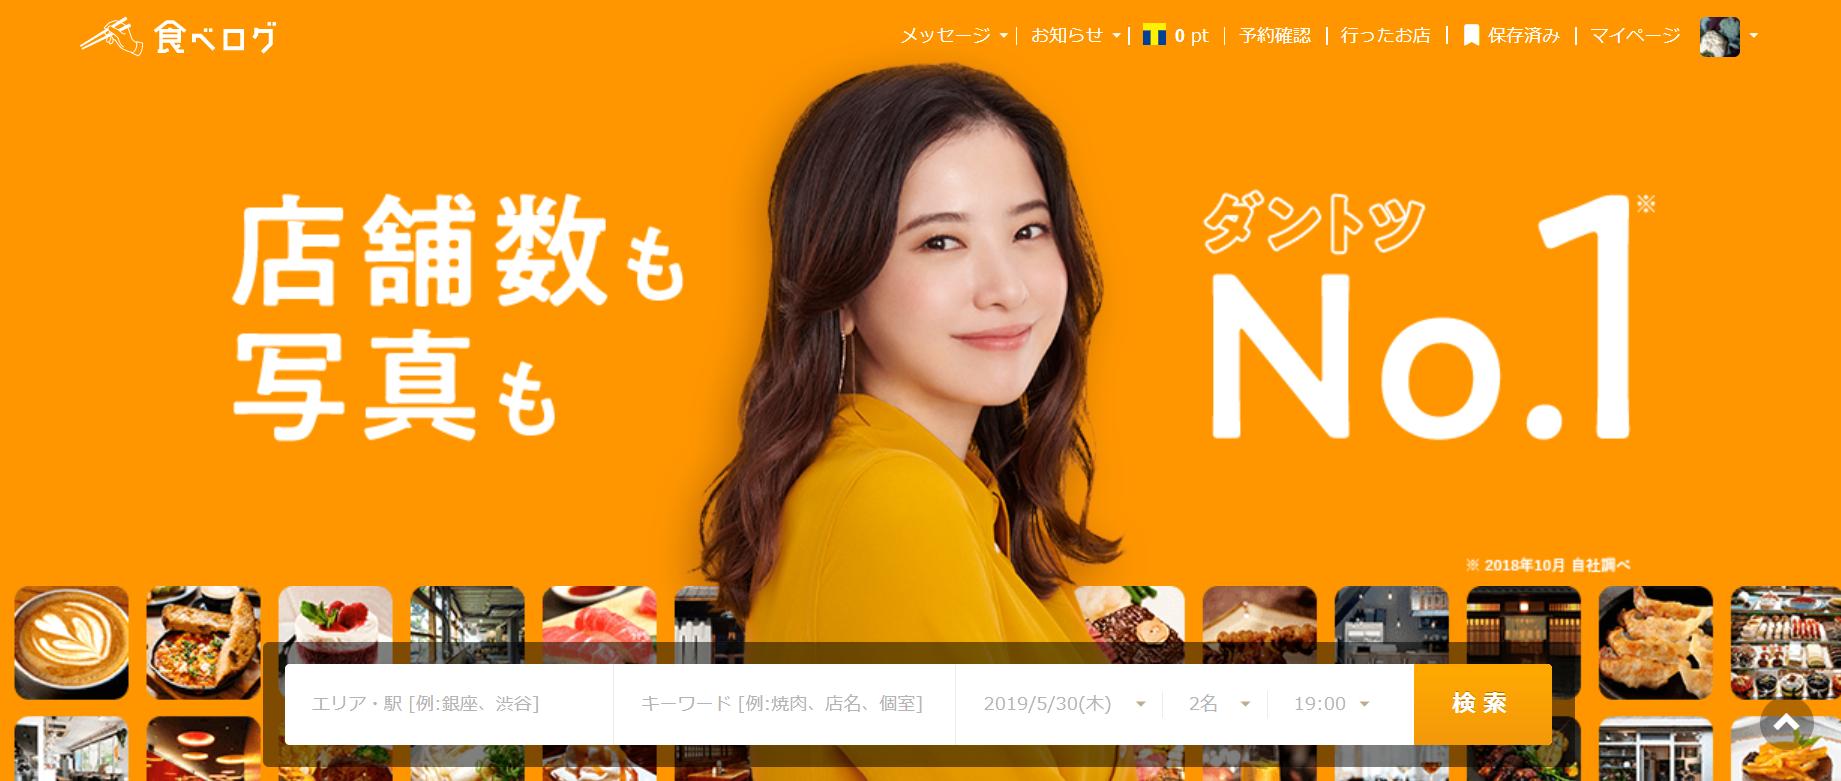 食べログアルゴリズムの変更に一喜一憂する飲食店